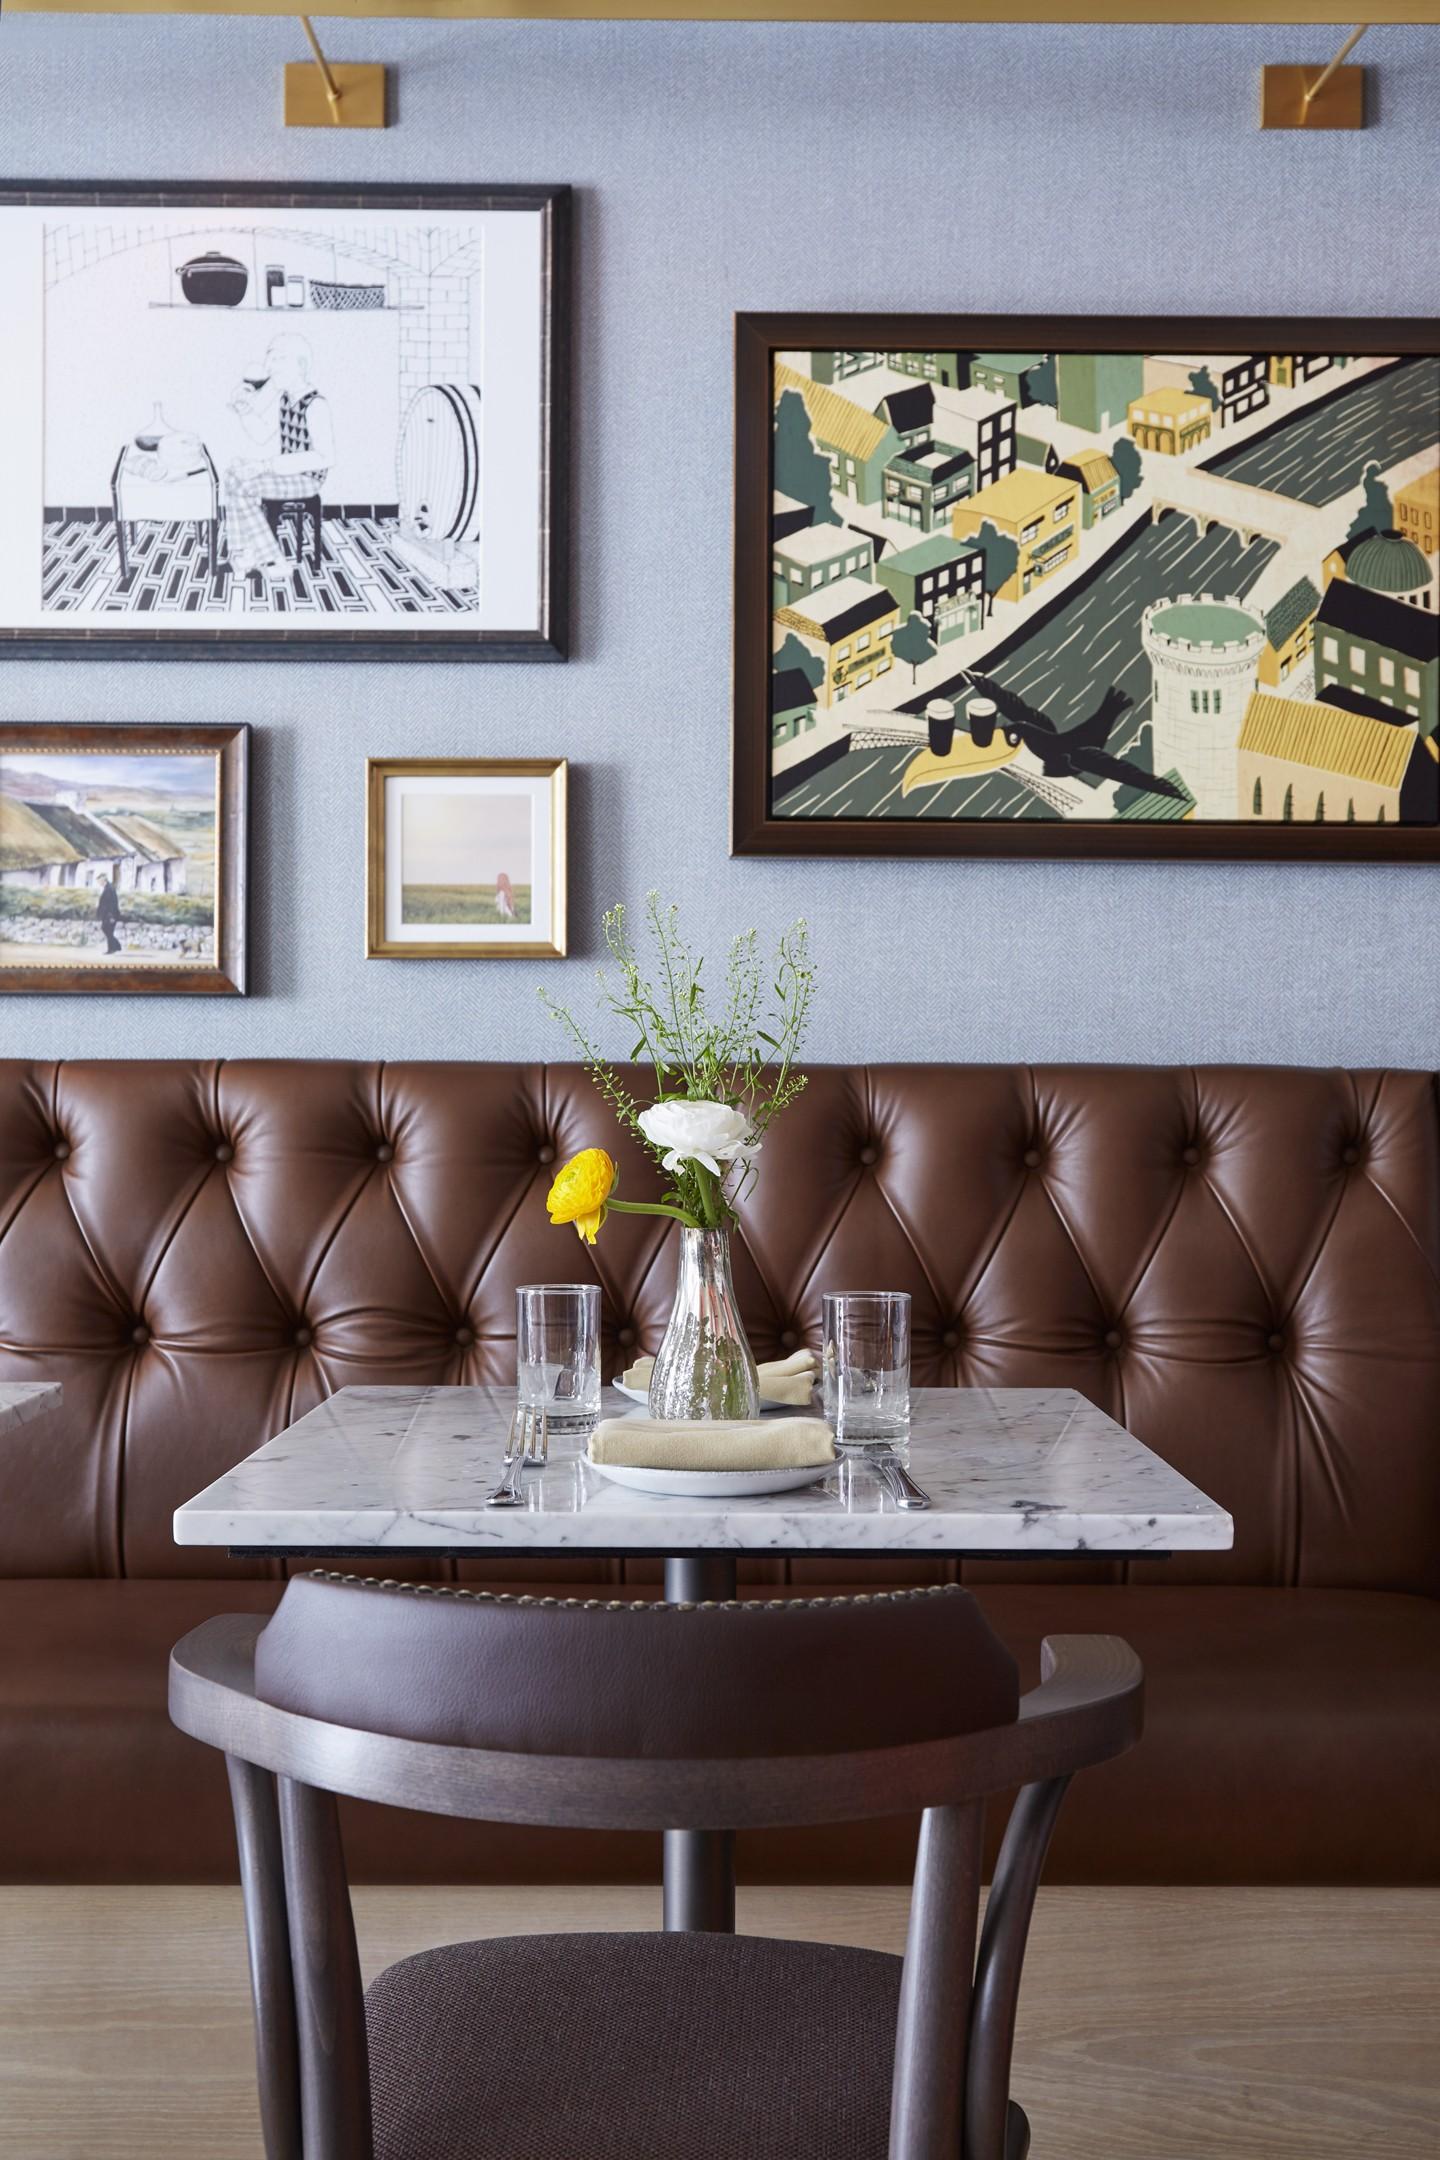 Hotel em Nova York encanta com decoração vintage (Foto: David Engelhardt/Divulgação)